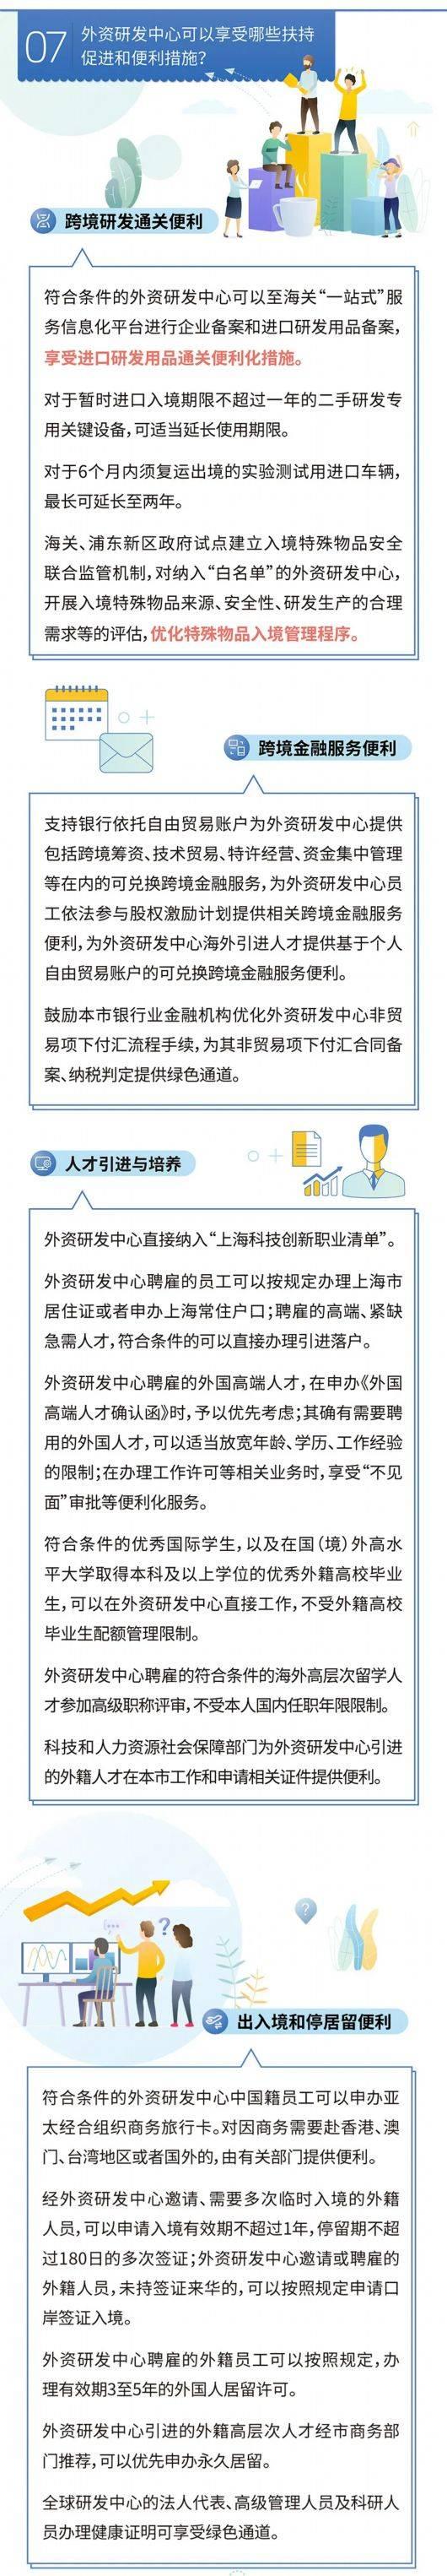 上海出台新规鼓励设立发展外资研发中心,已为亲们拎好重点